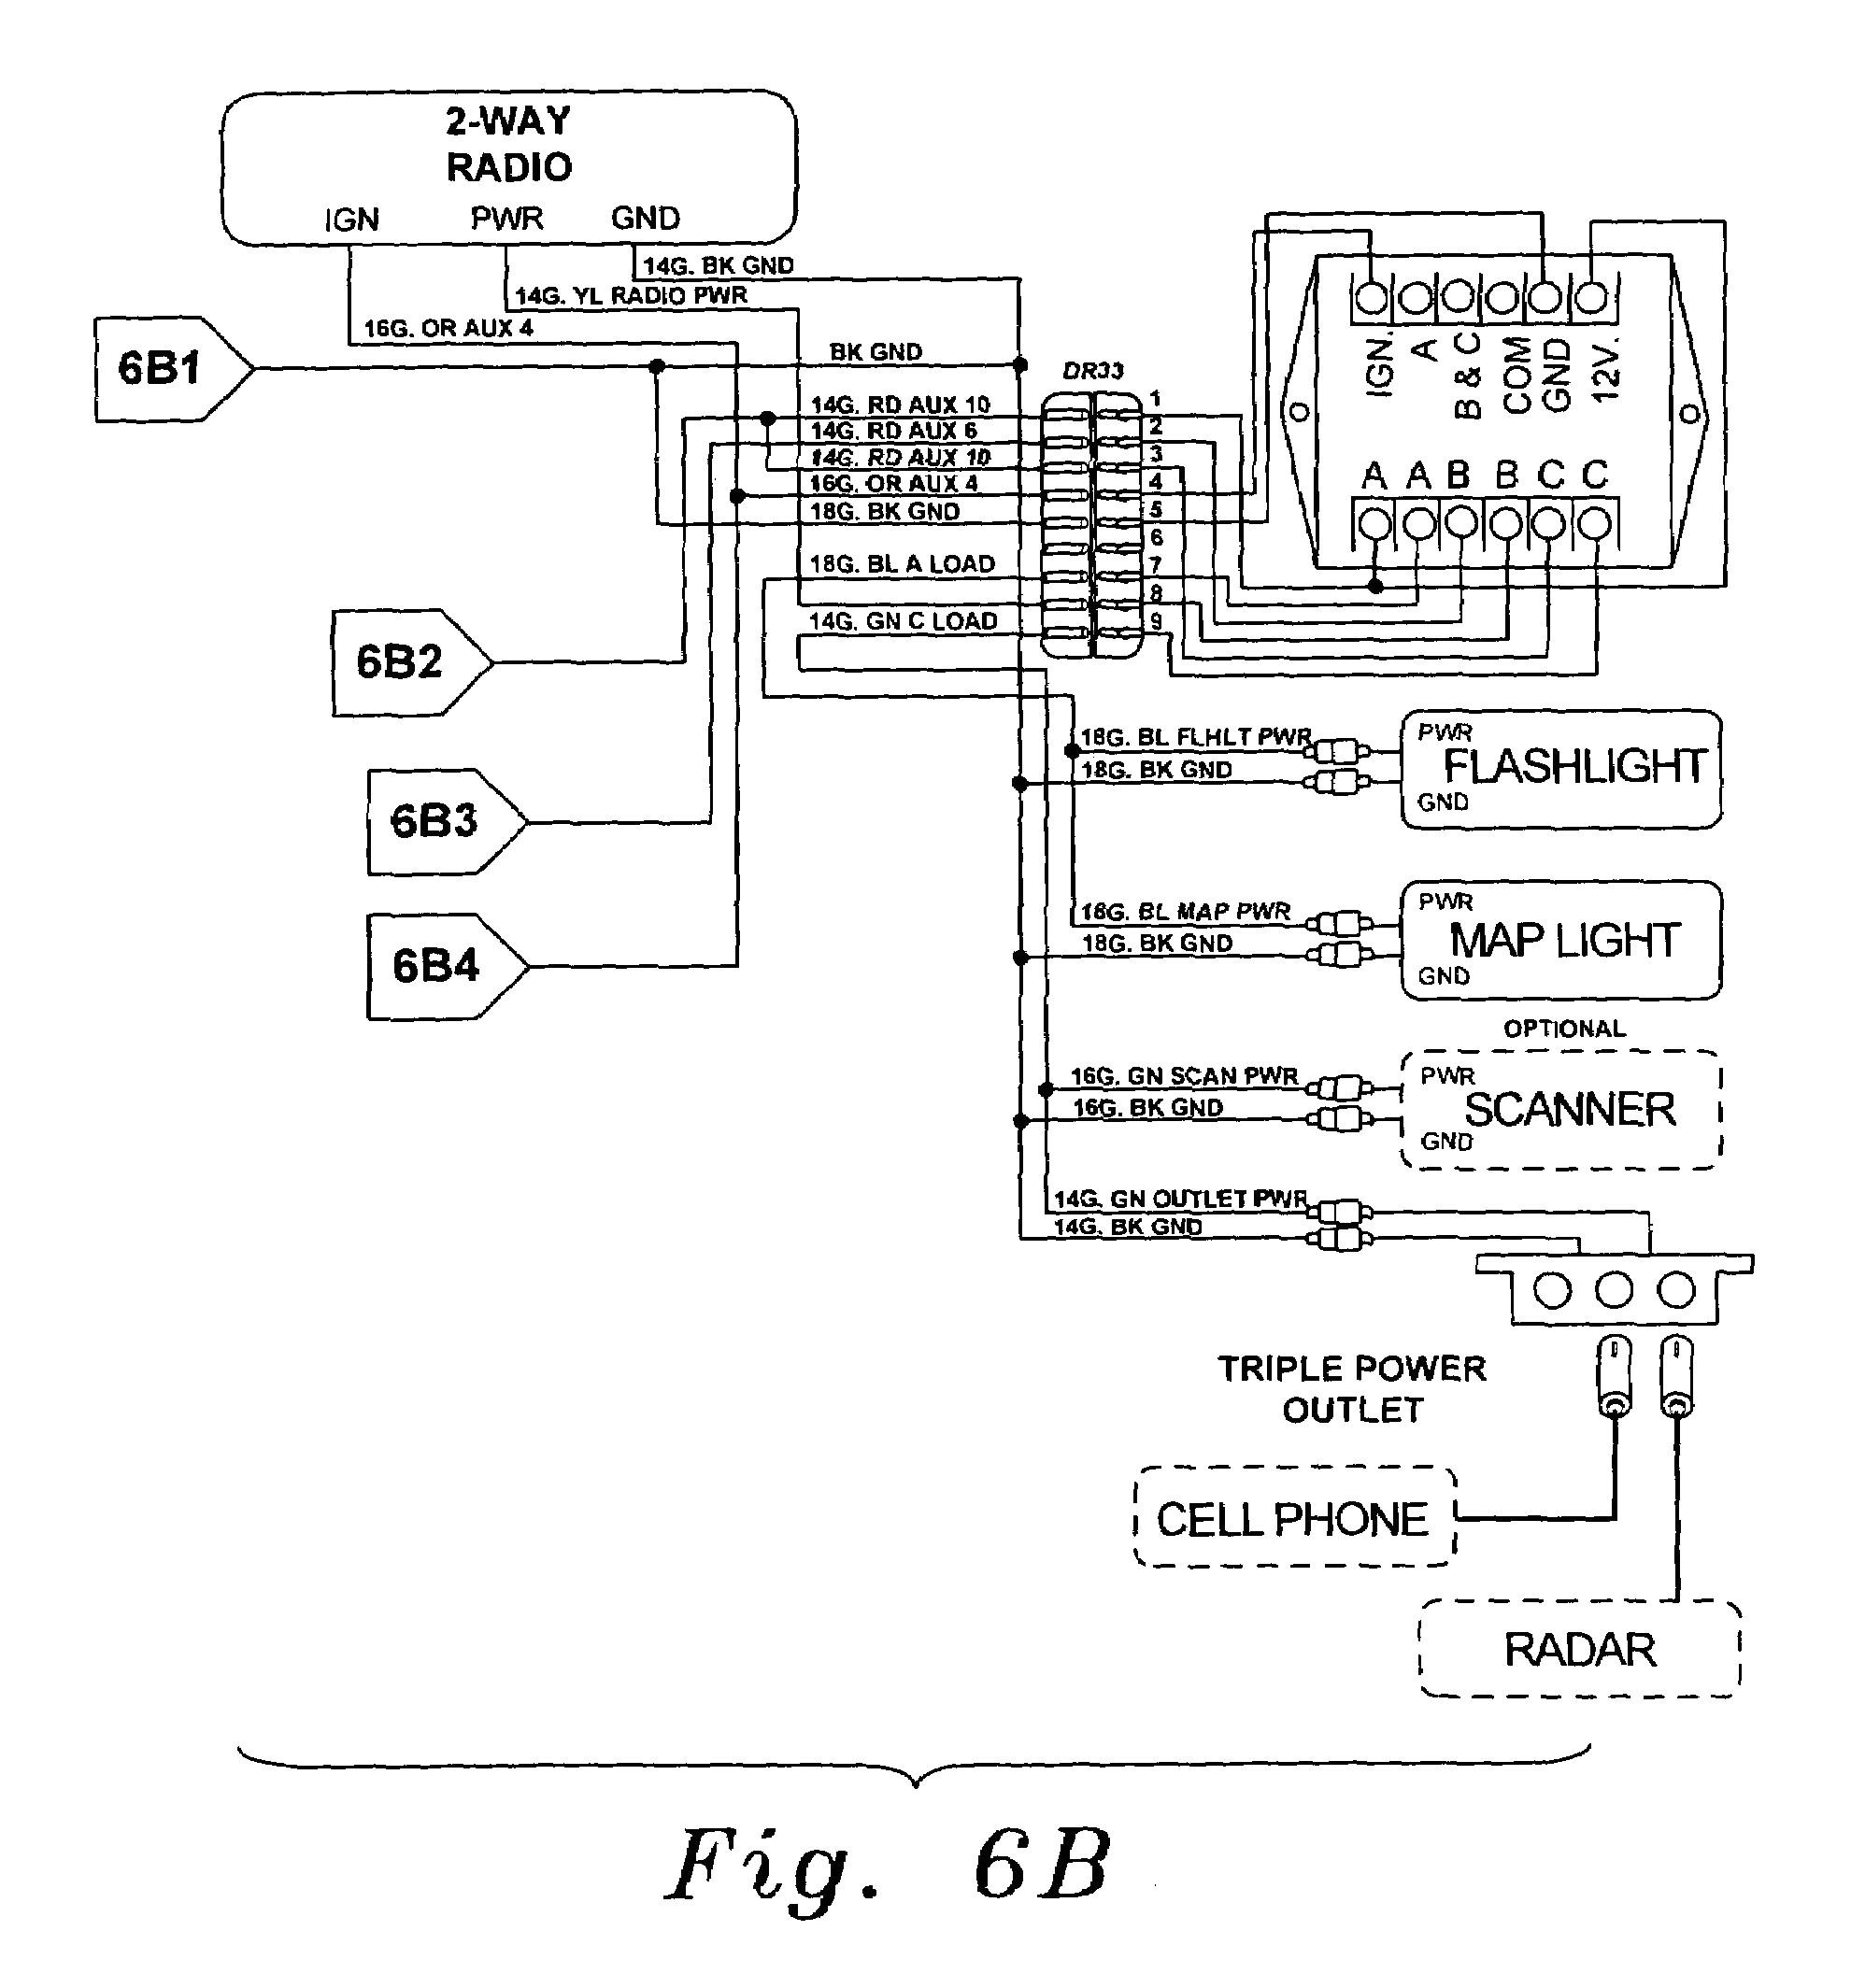 wiring edge diagram whelen ll288000 manual e bookwrg 4272 whelen lfl patriot wiring diagramwhelen 295slsa6